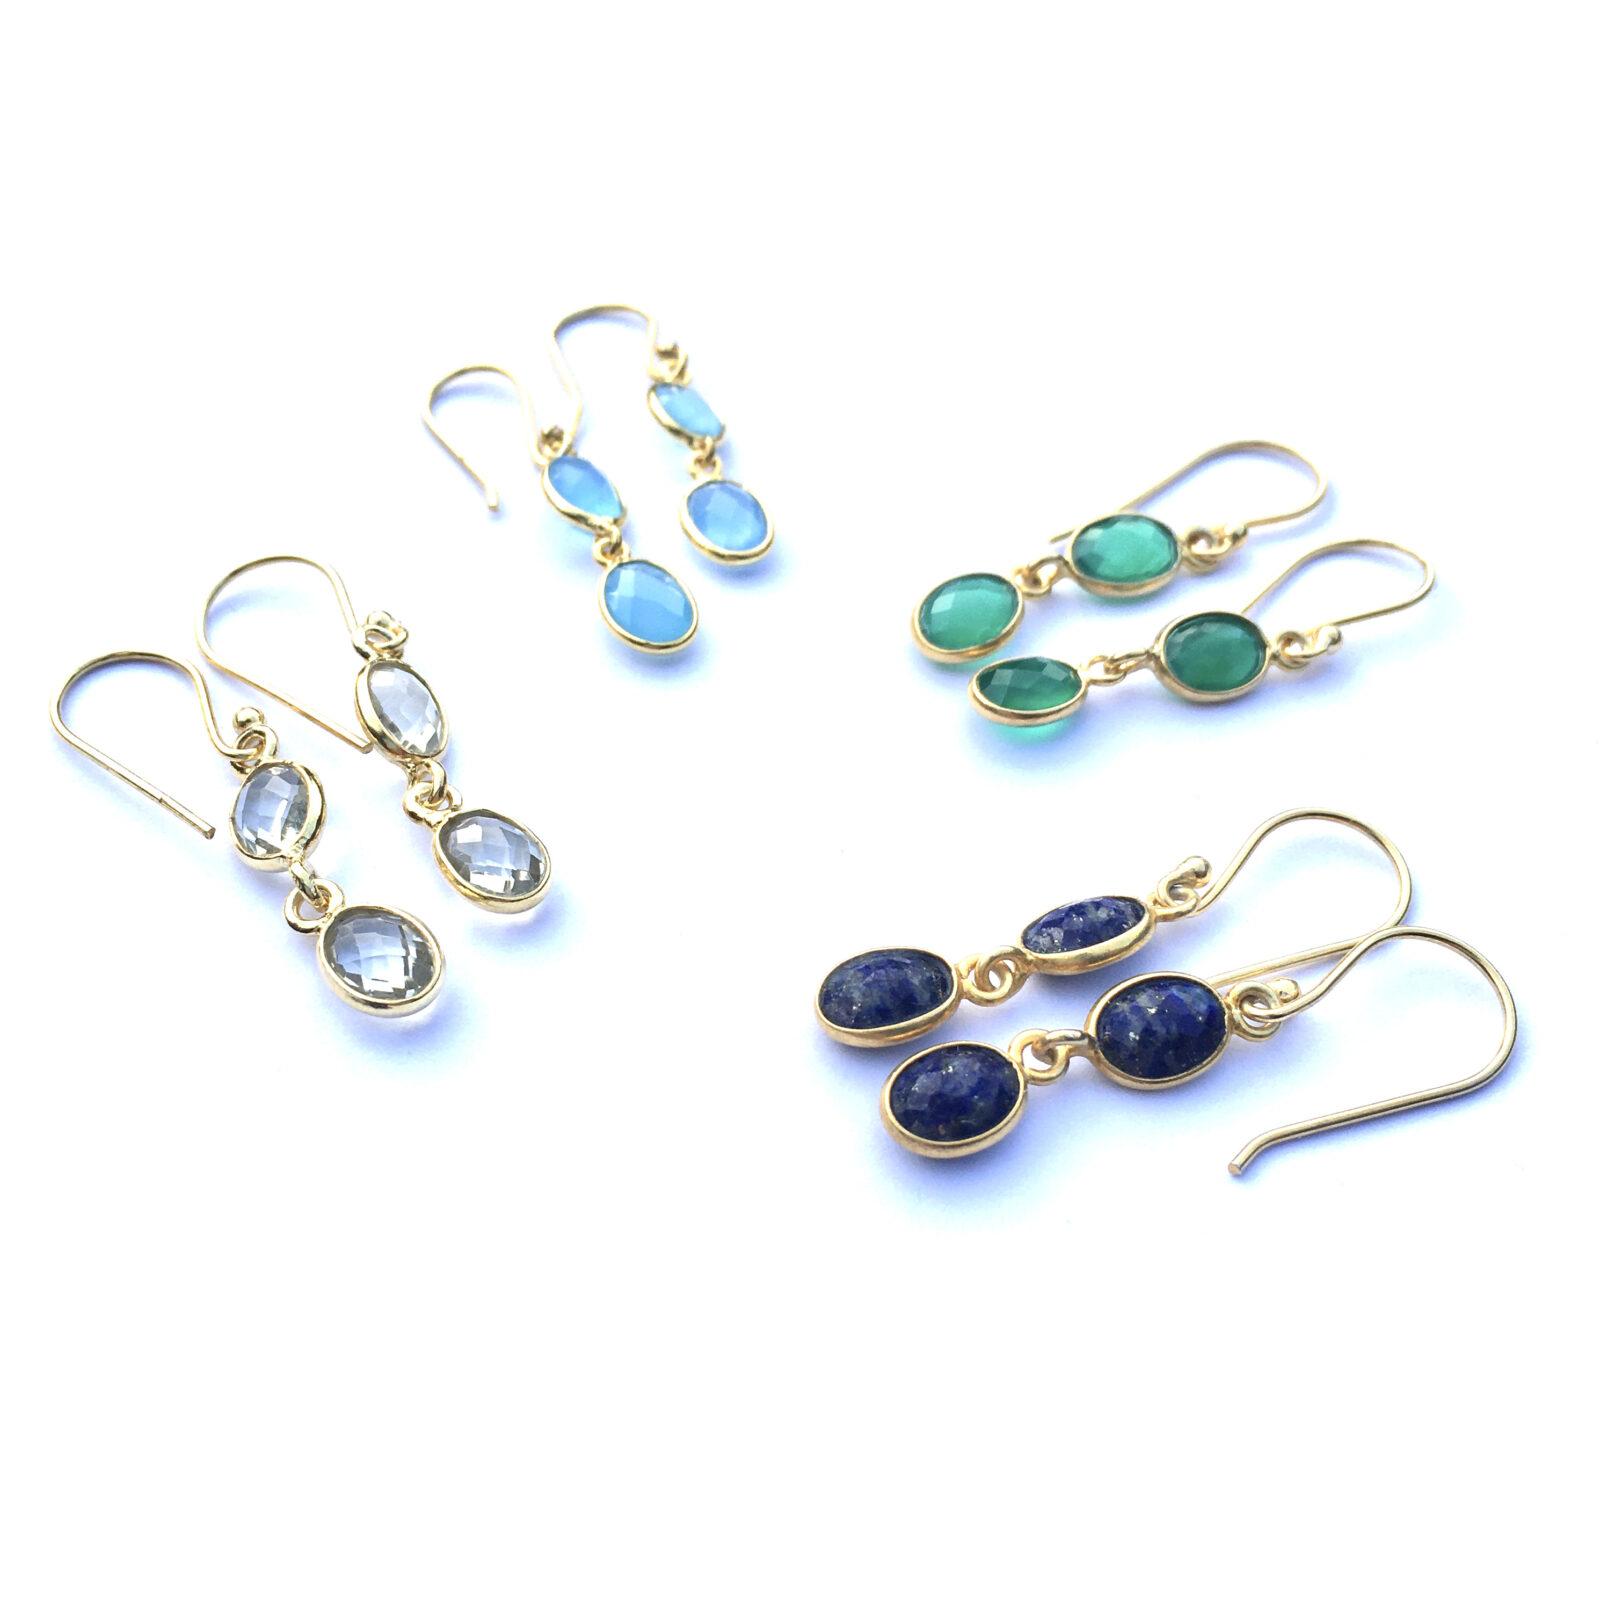 Fijne edelsteen oorbellen groene onyx blauwe chalcedoon lapis lazuli groene amethist 925 zilver verguld